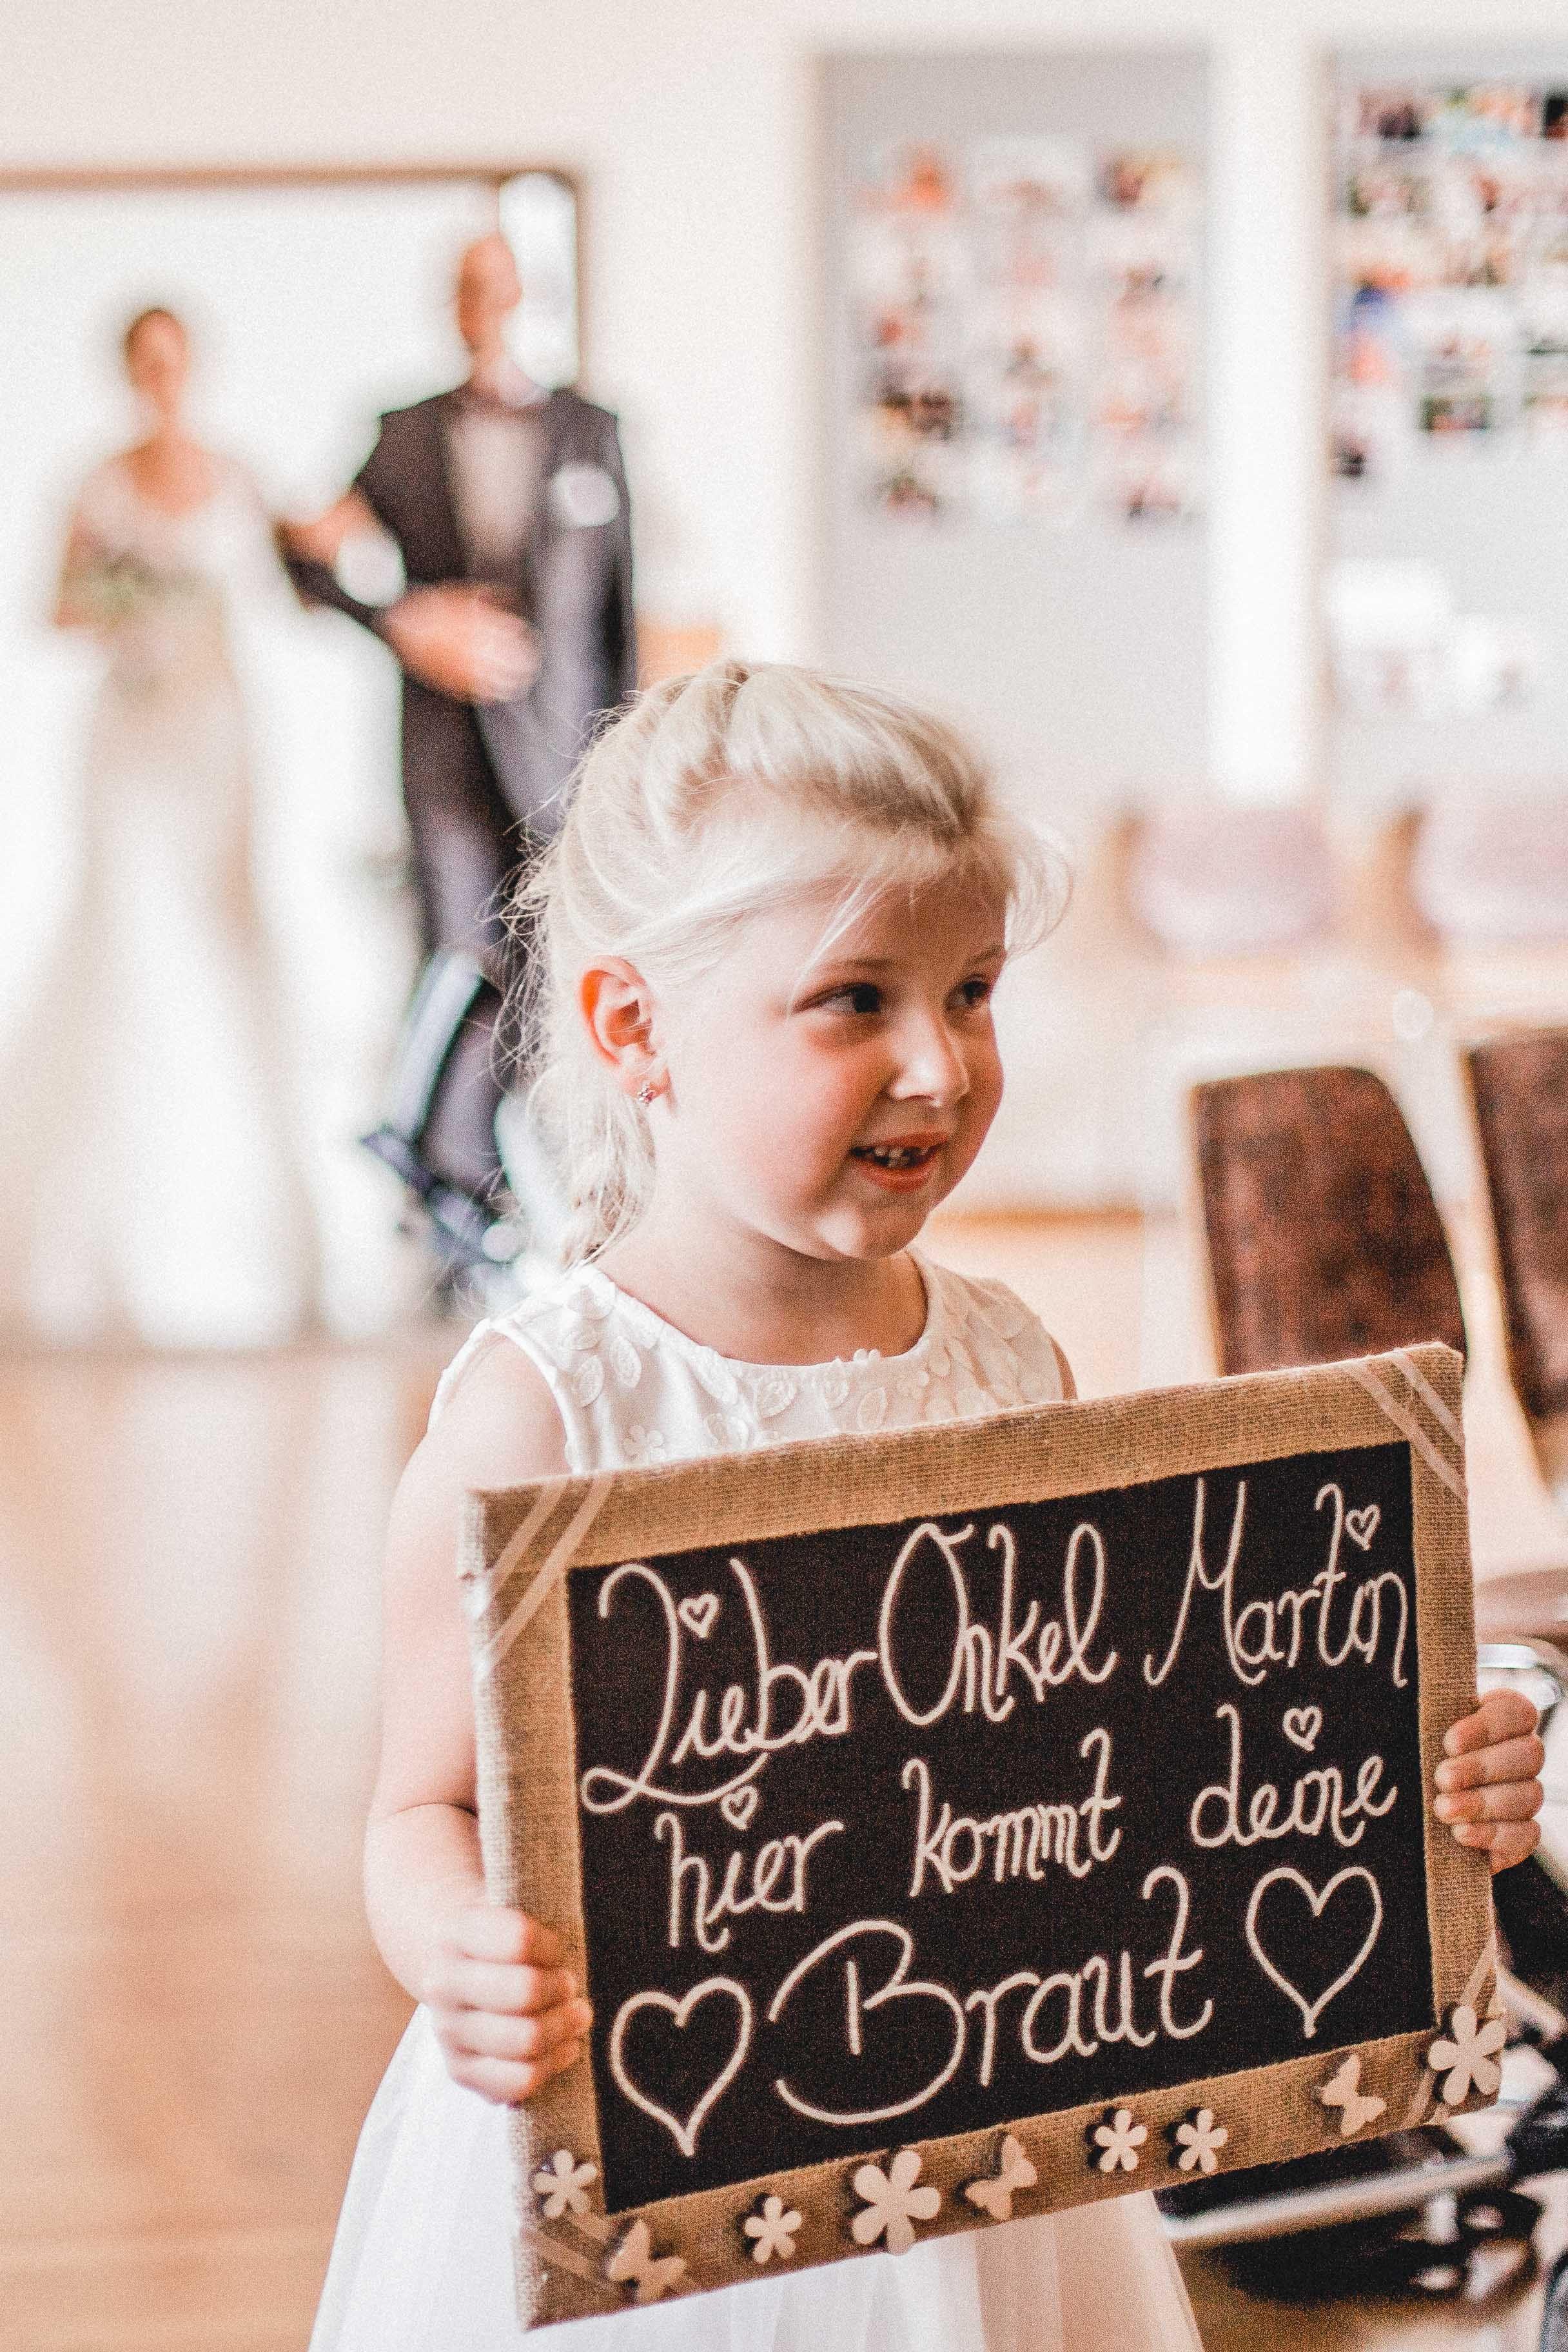 Lieber Onkel Martin, hier kommt deine Braut. <3 | Trauung ...